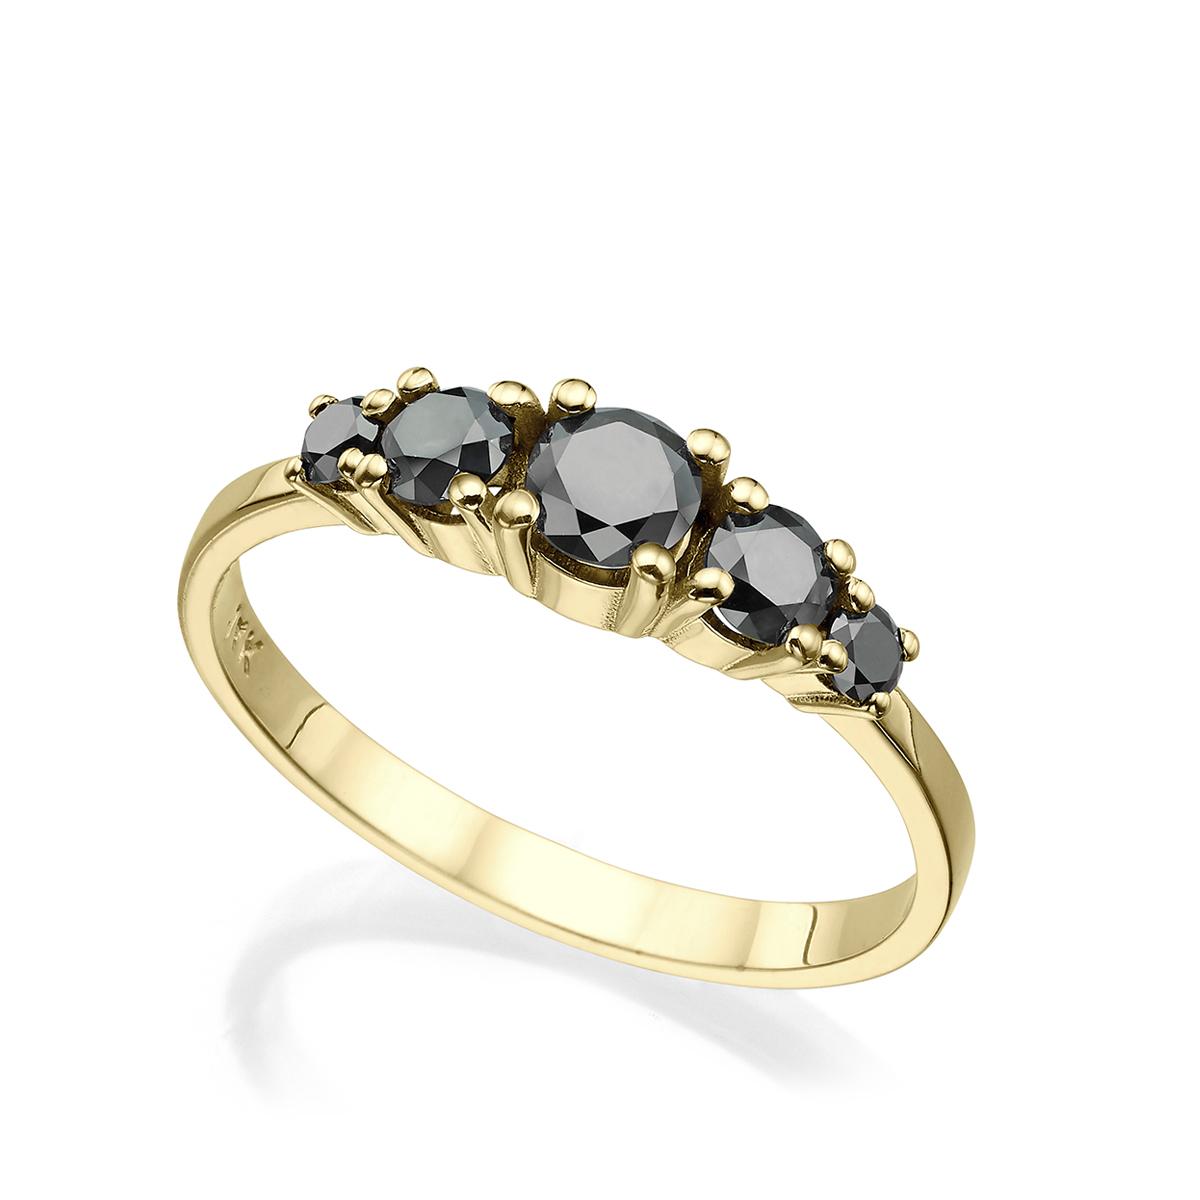 טבעת זהב משובצת 5 יהלומים שחורים, 60 נק', בשיבוץ שיניים